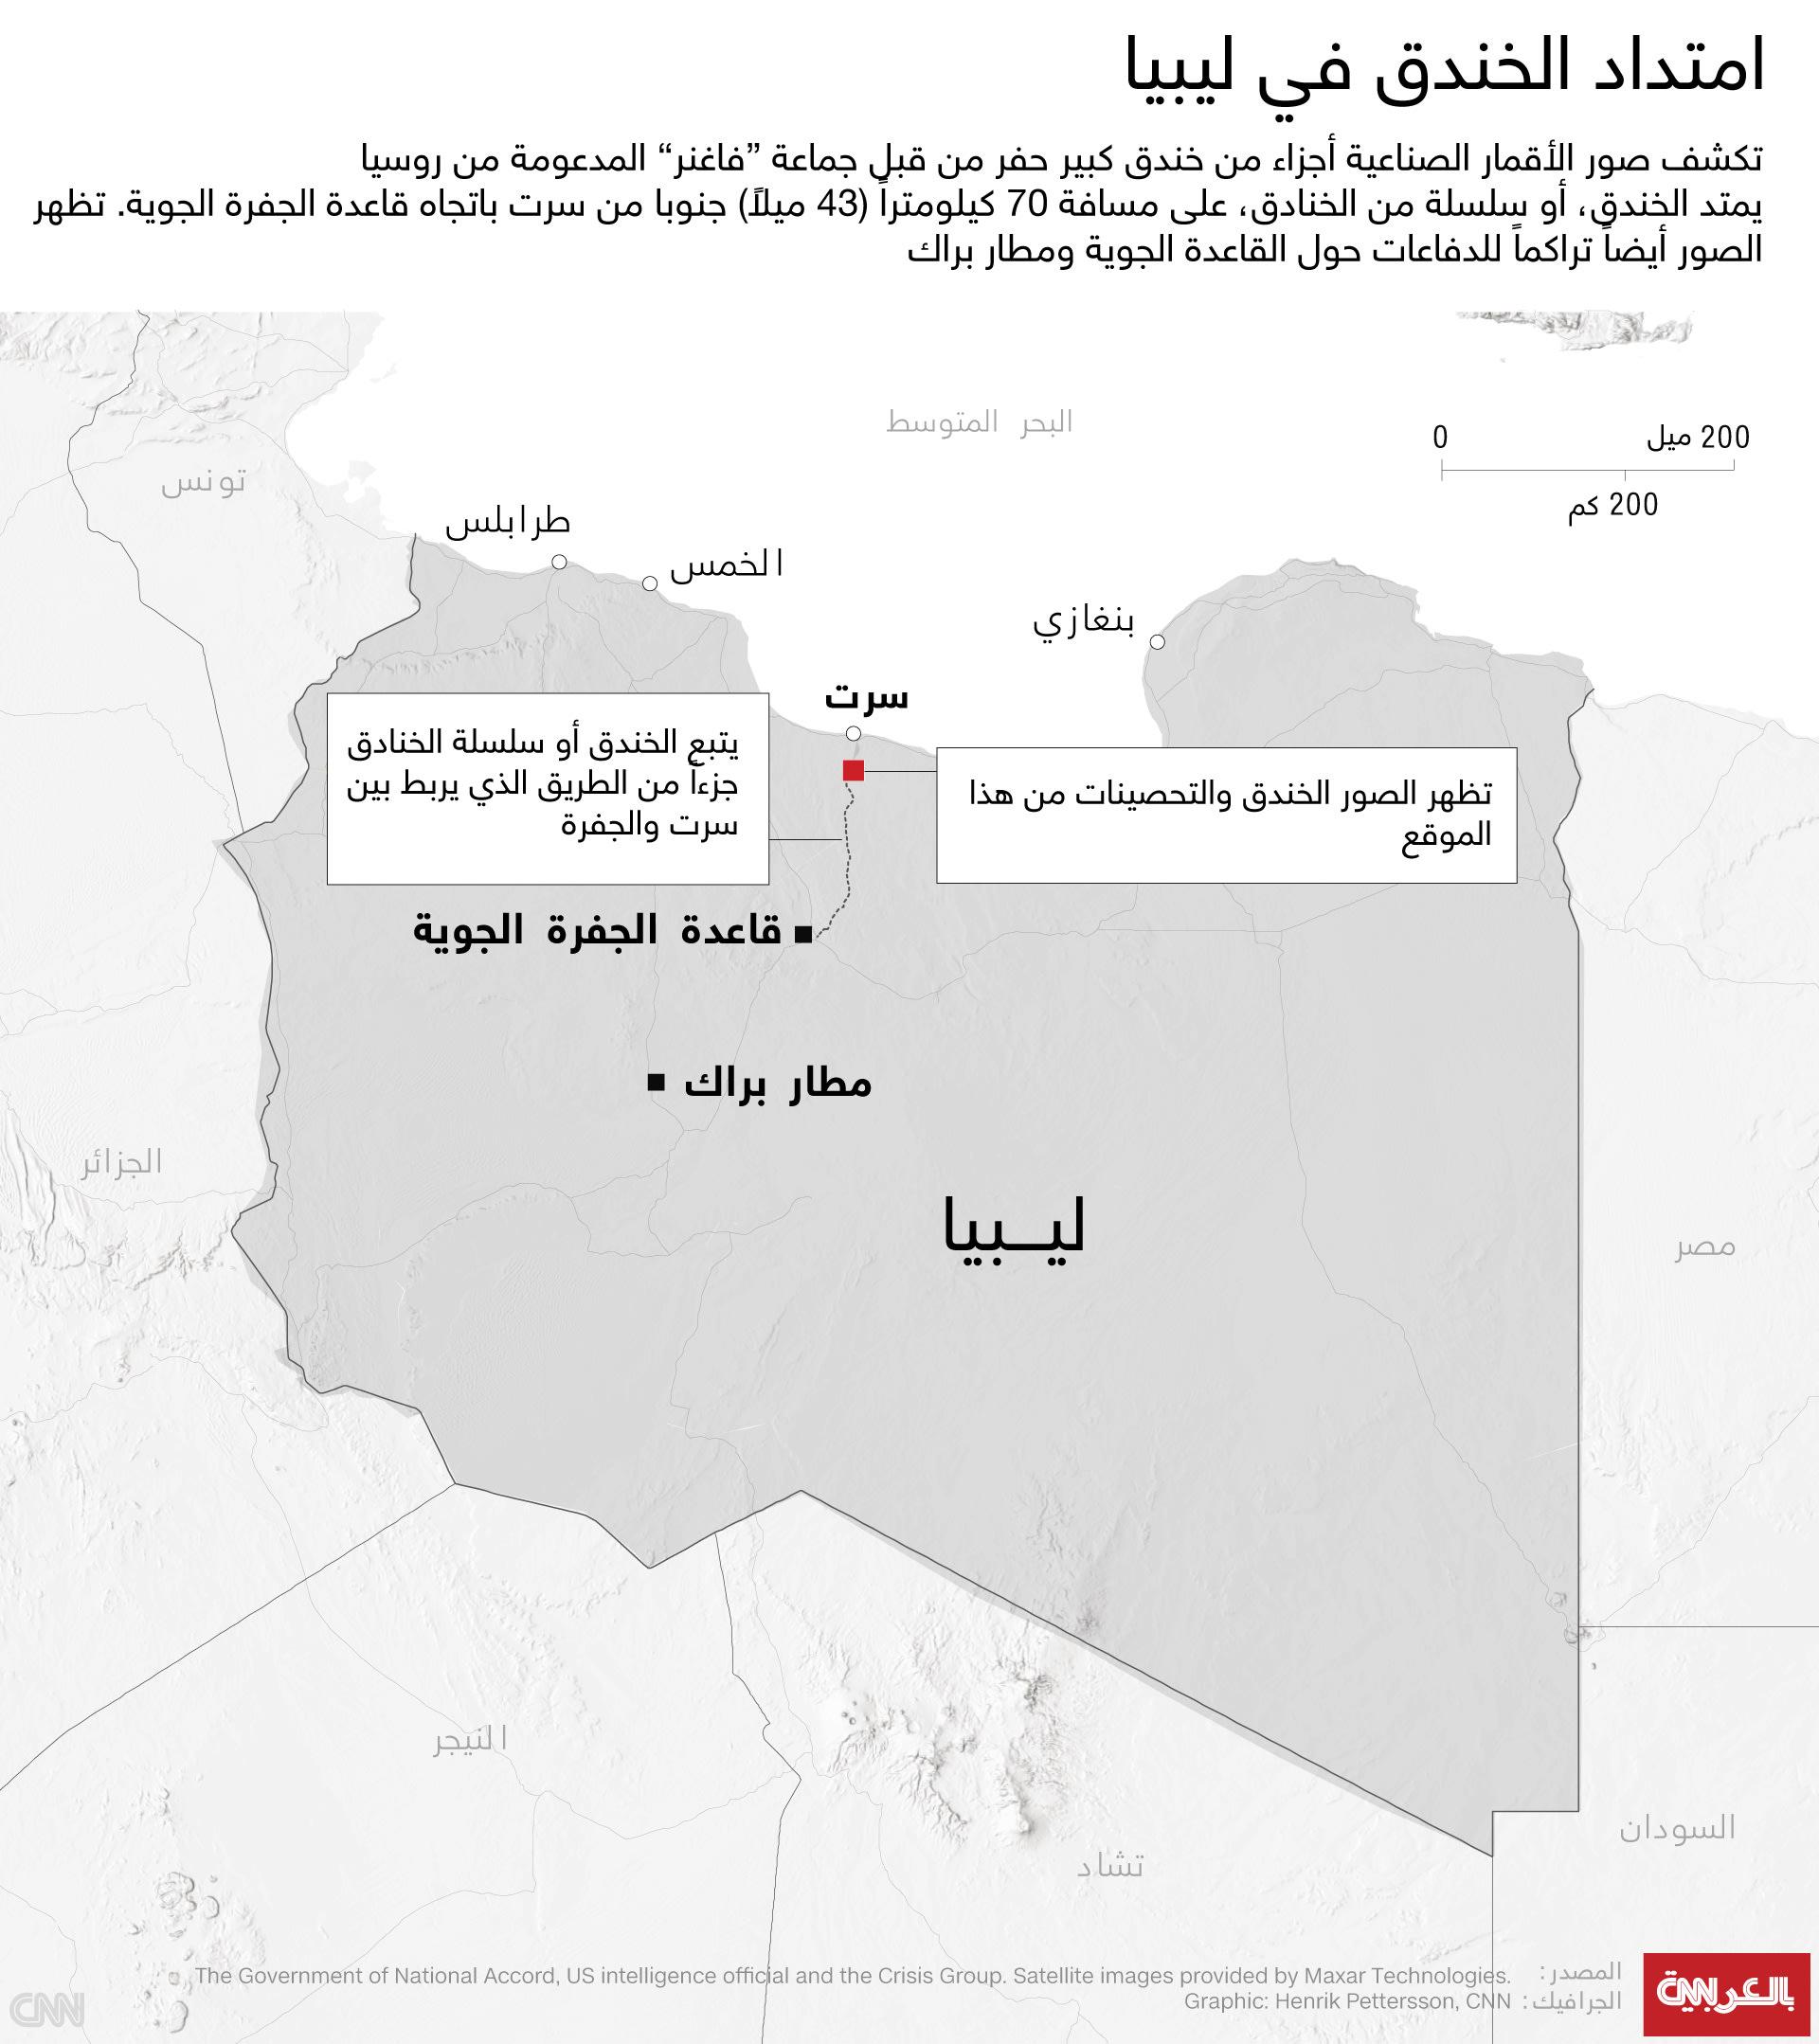 تقرير: امتداد الخنادق في ليبيا